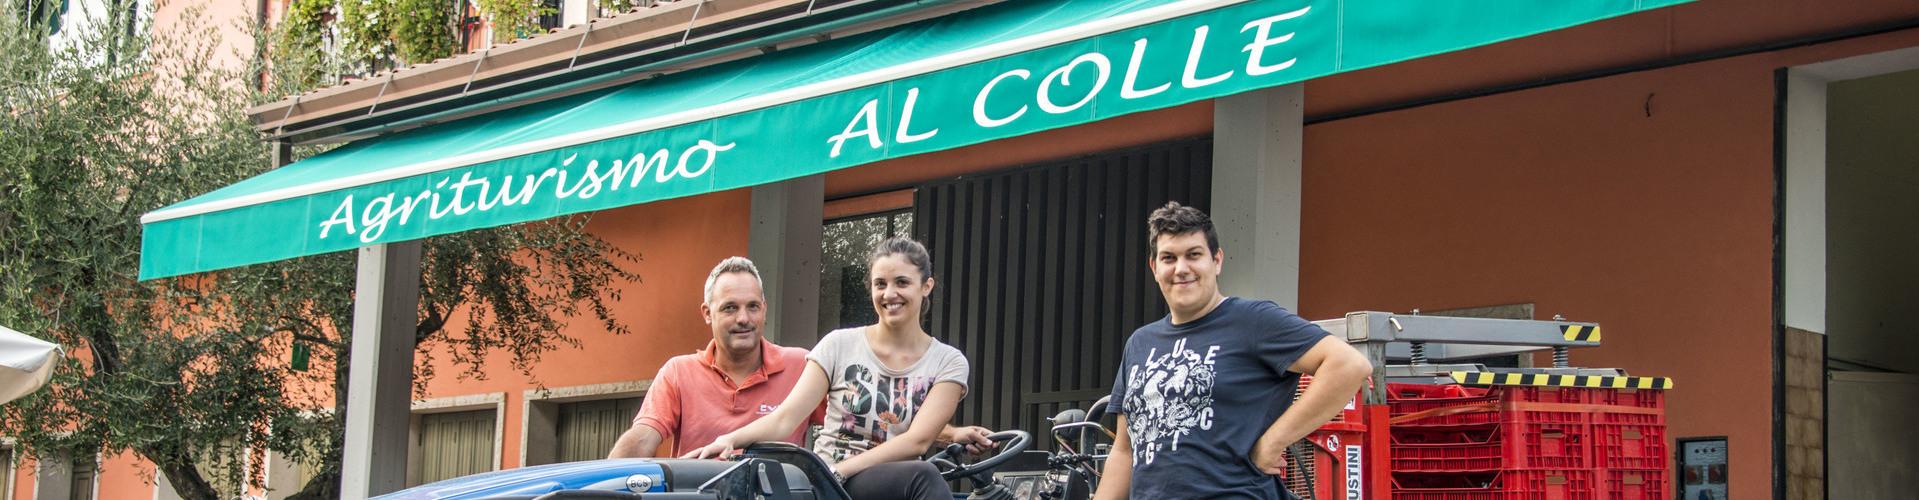 Agriturismo Al Colle